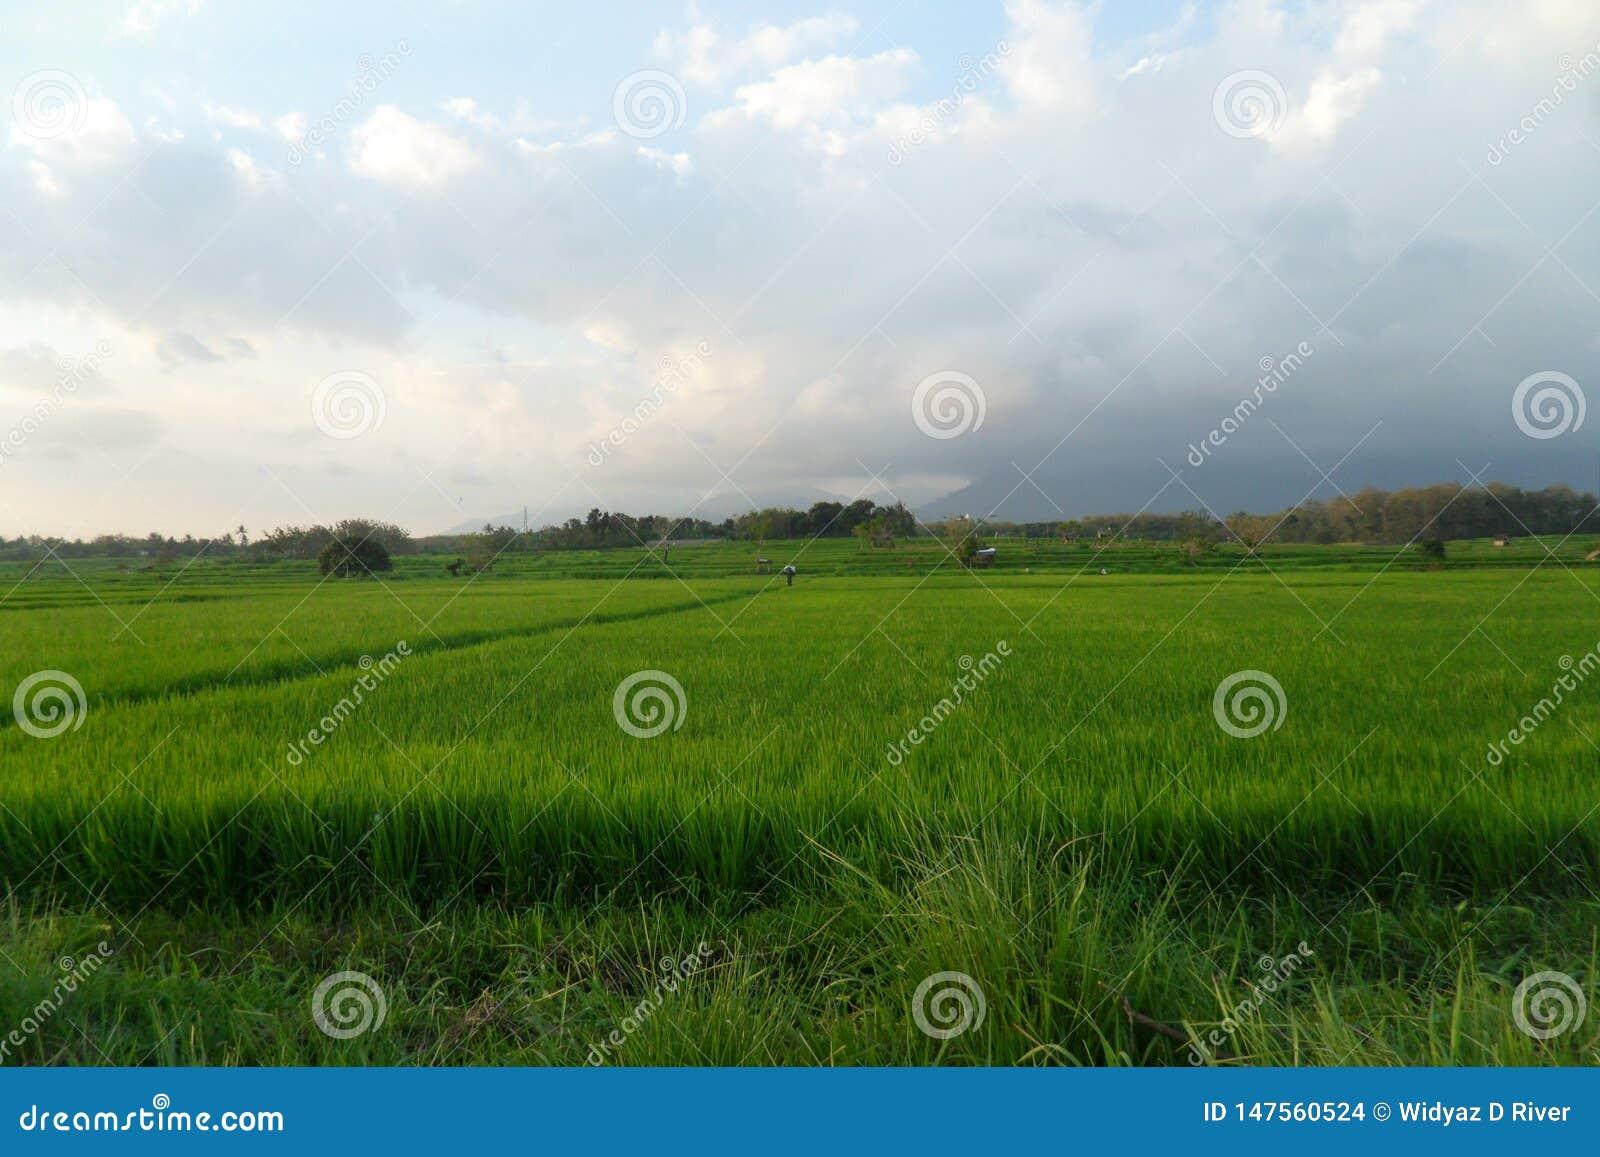 Οι πράσινοι τομείς ρυζιού φέρνουν την ευτυχία